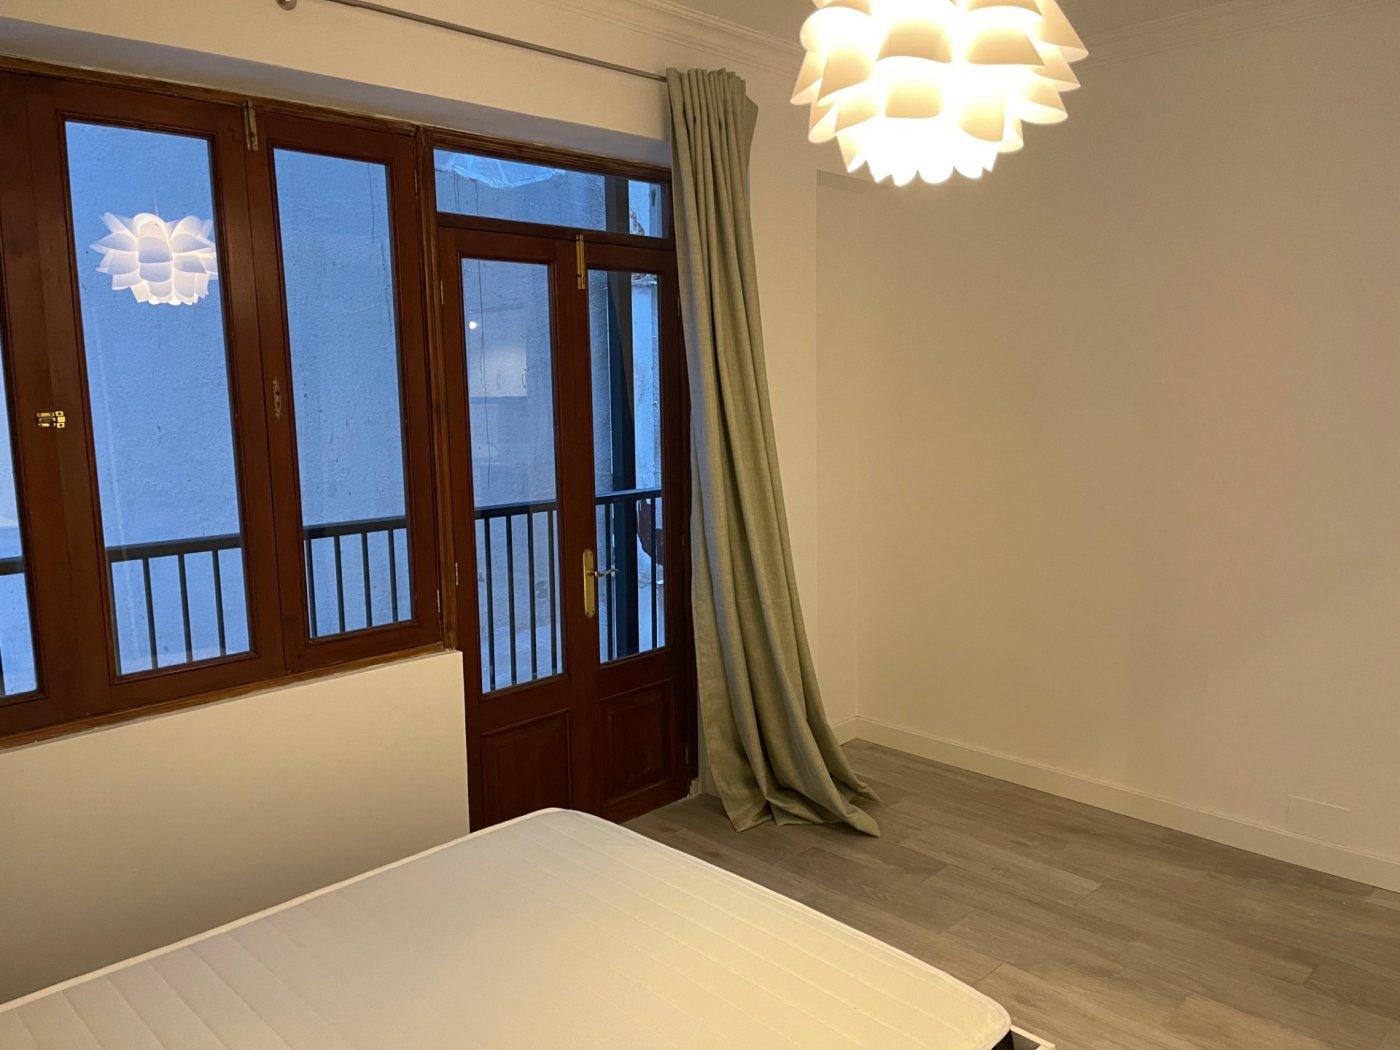 Apartamento a la venta en el arenal, llucmajor - imagenInmueble17